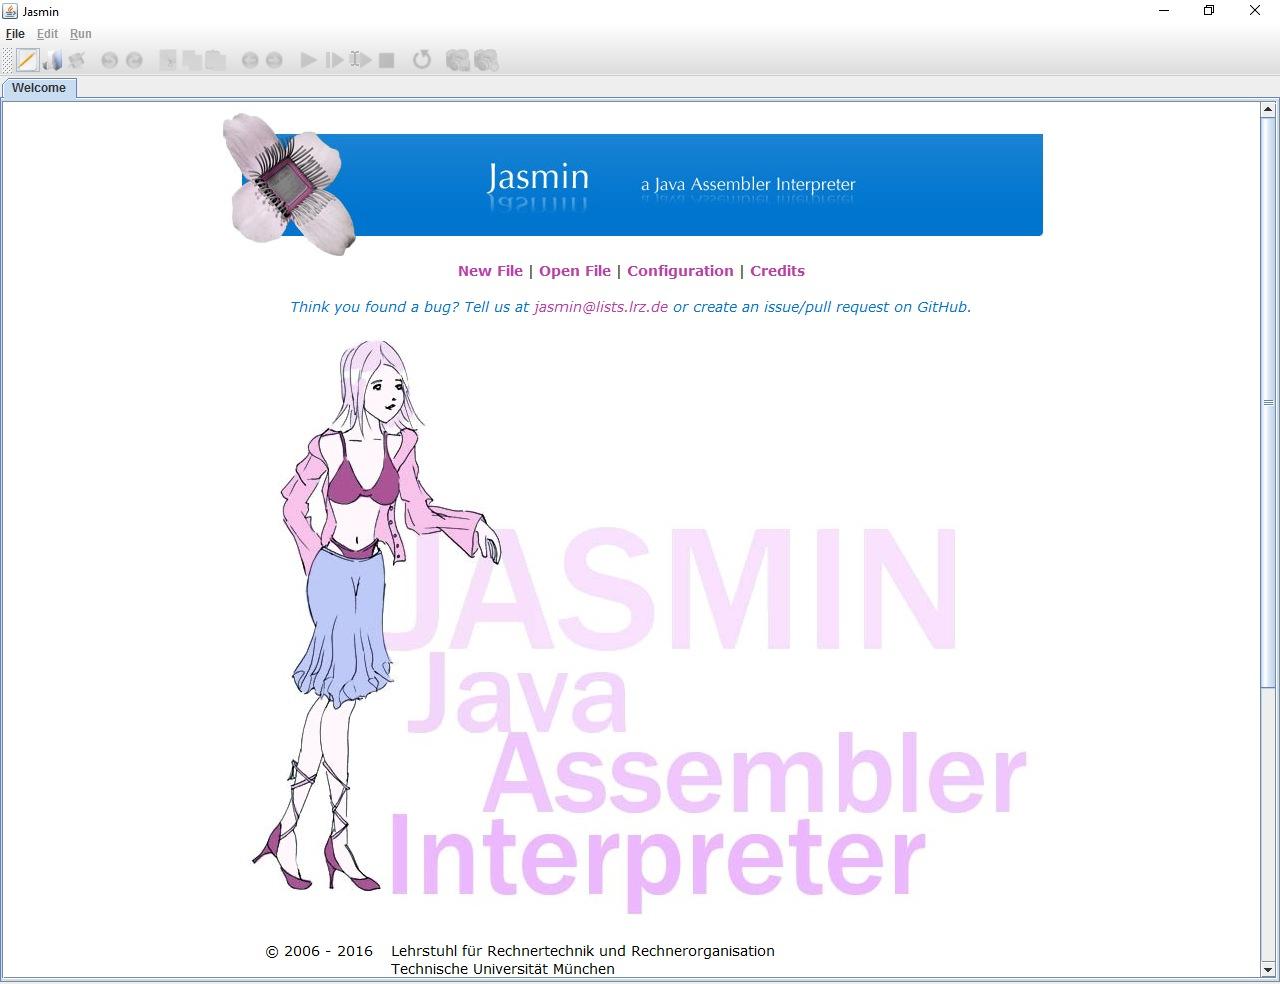 Figura 1: esecuzione di Jasmin